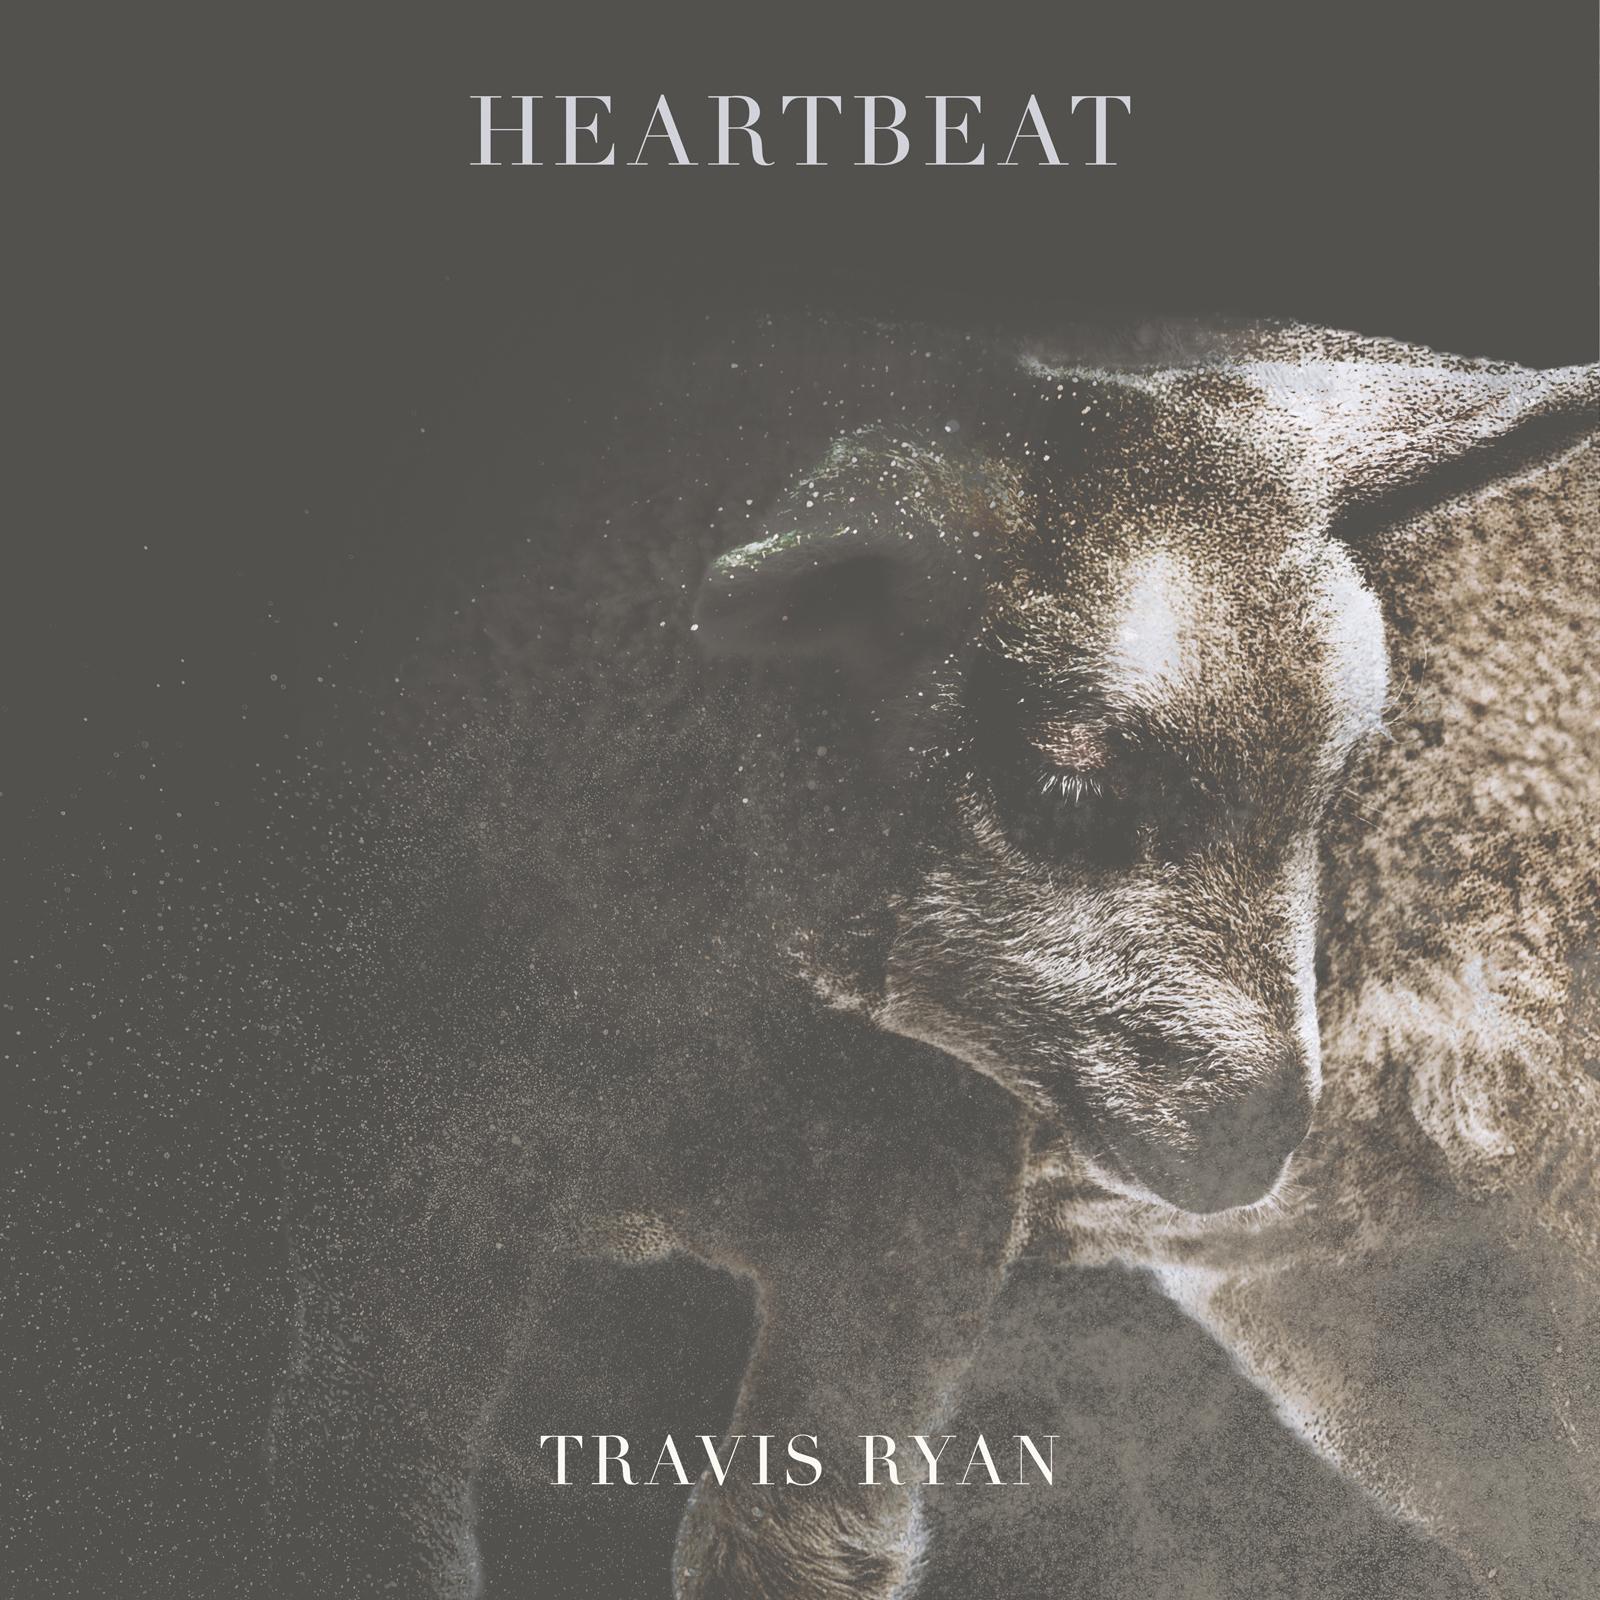 travis ryan - heartbeat